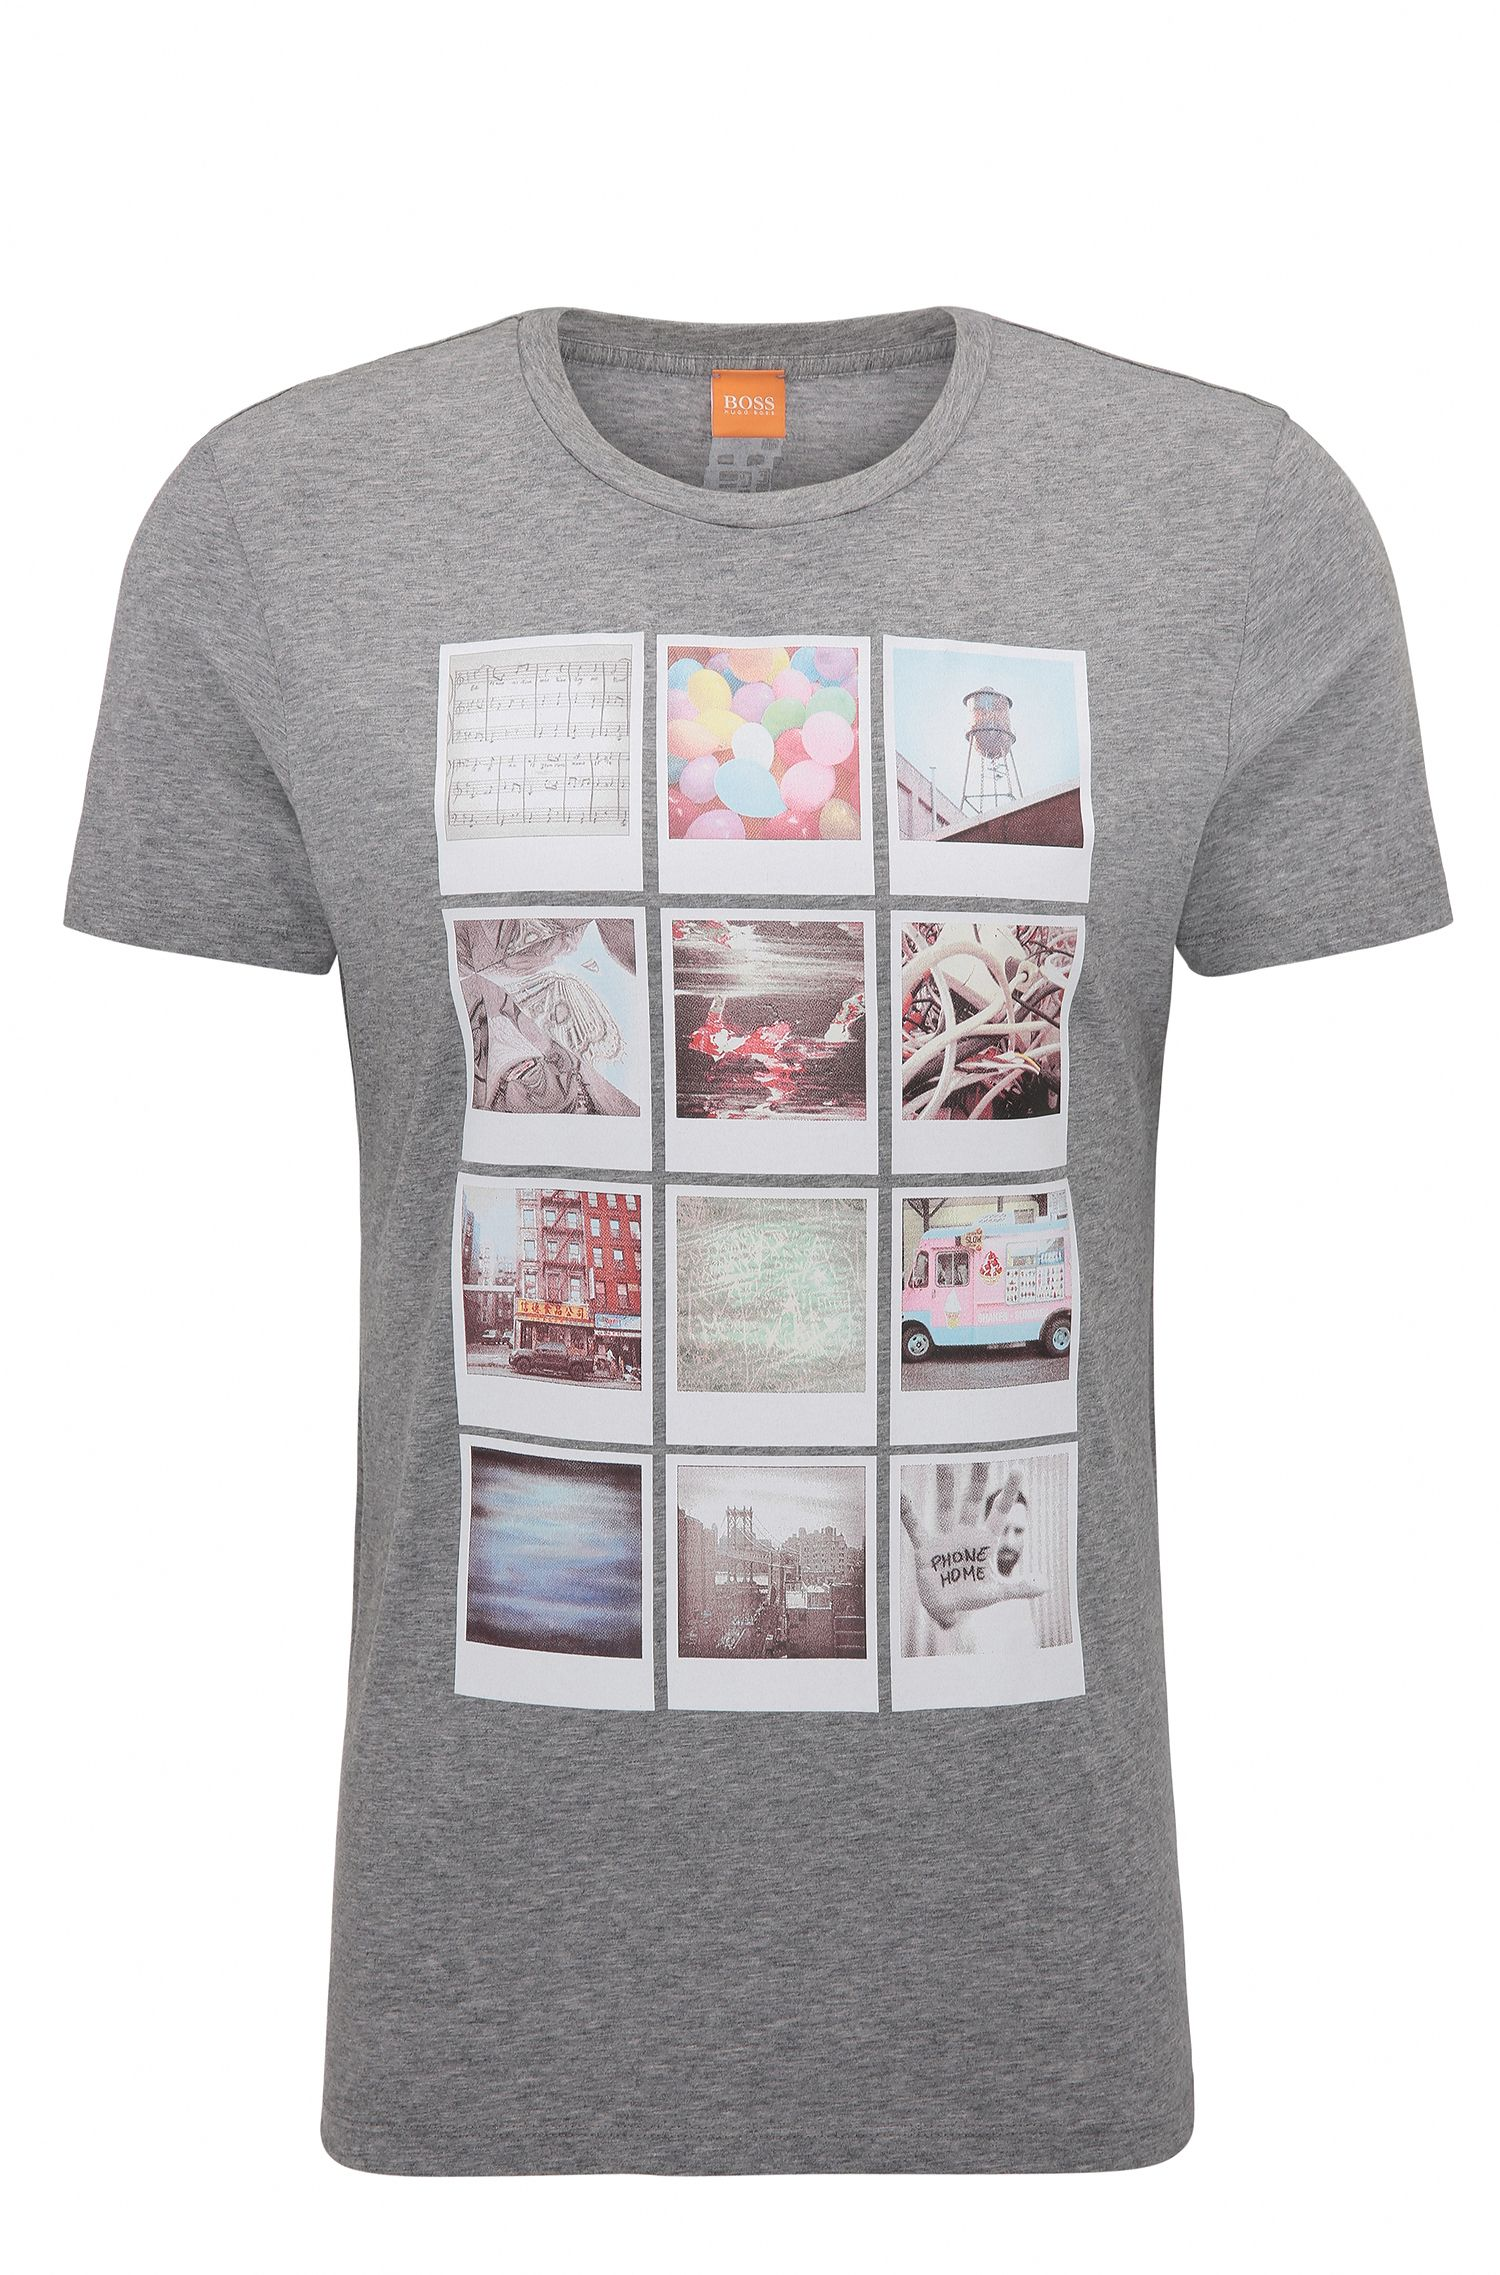 T-shirt Regular Fit en coton à imprimé de style polaroïd